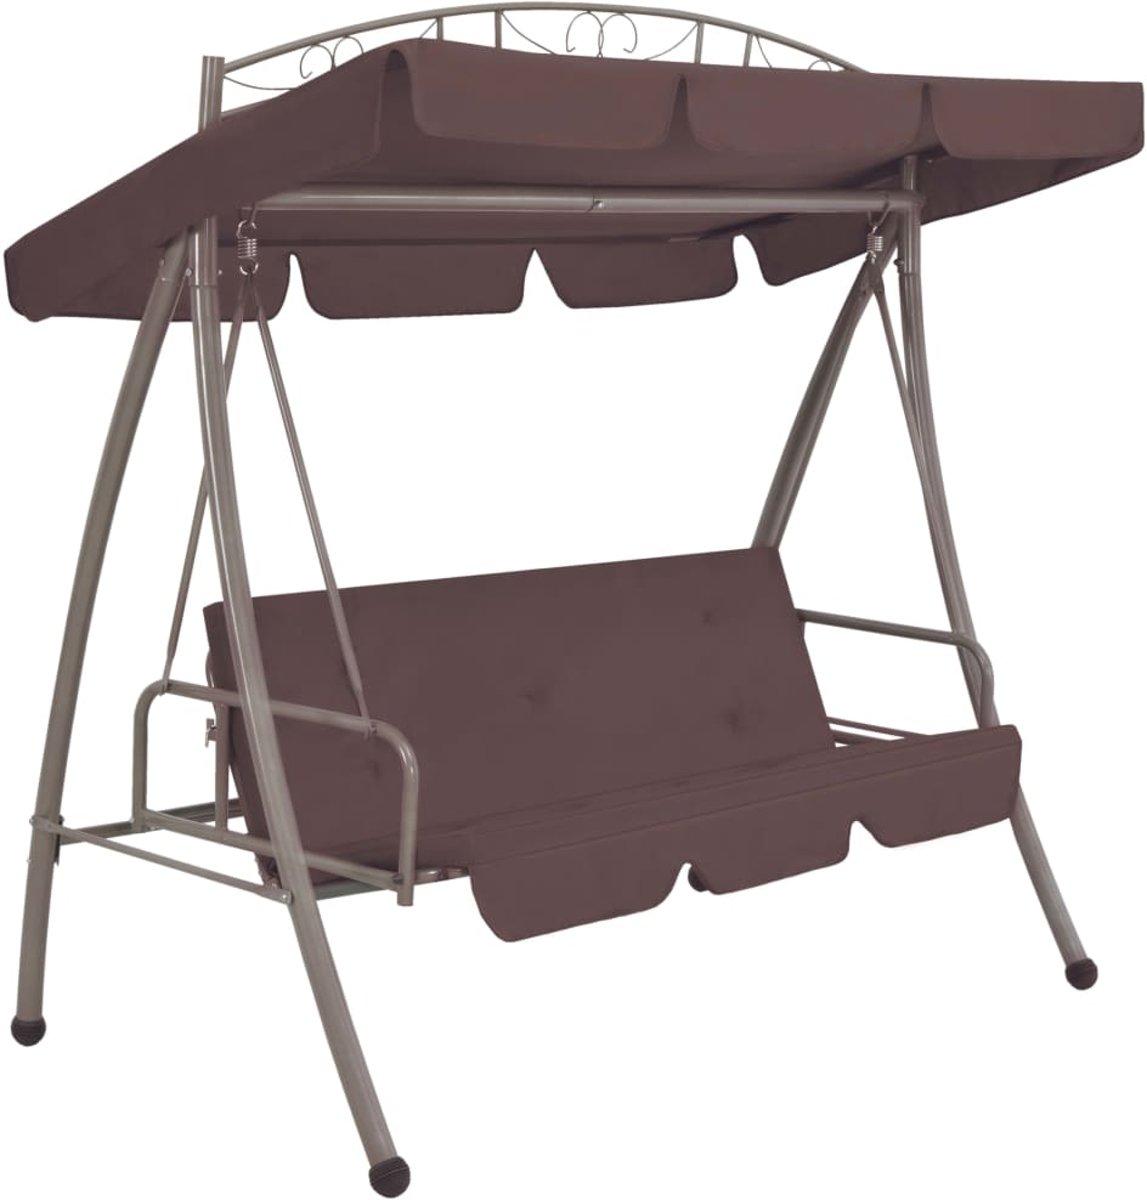 vidaXL Schommelstoel voor buiten met luifel en versiering koffiekleur kopen